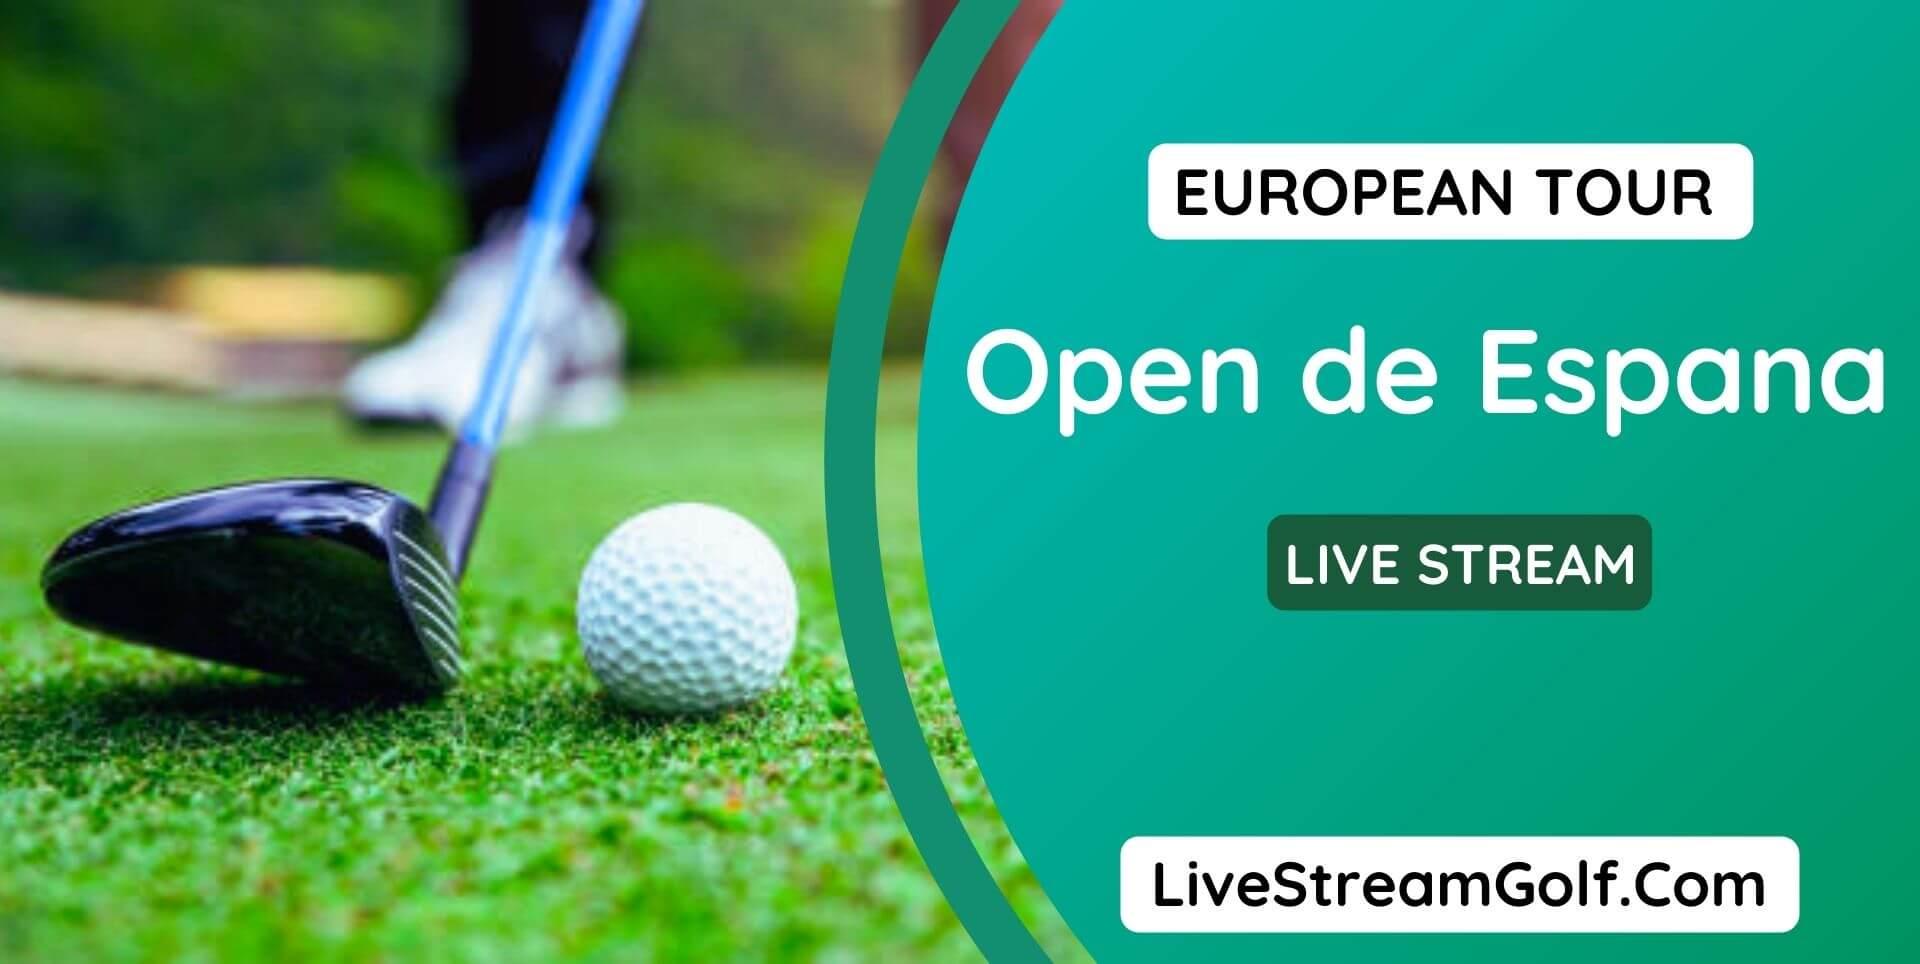 Open de Espana Live Stream